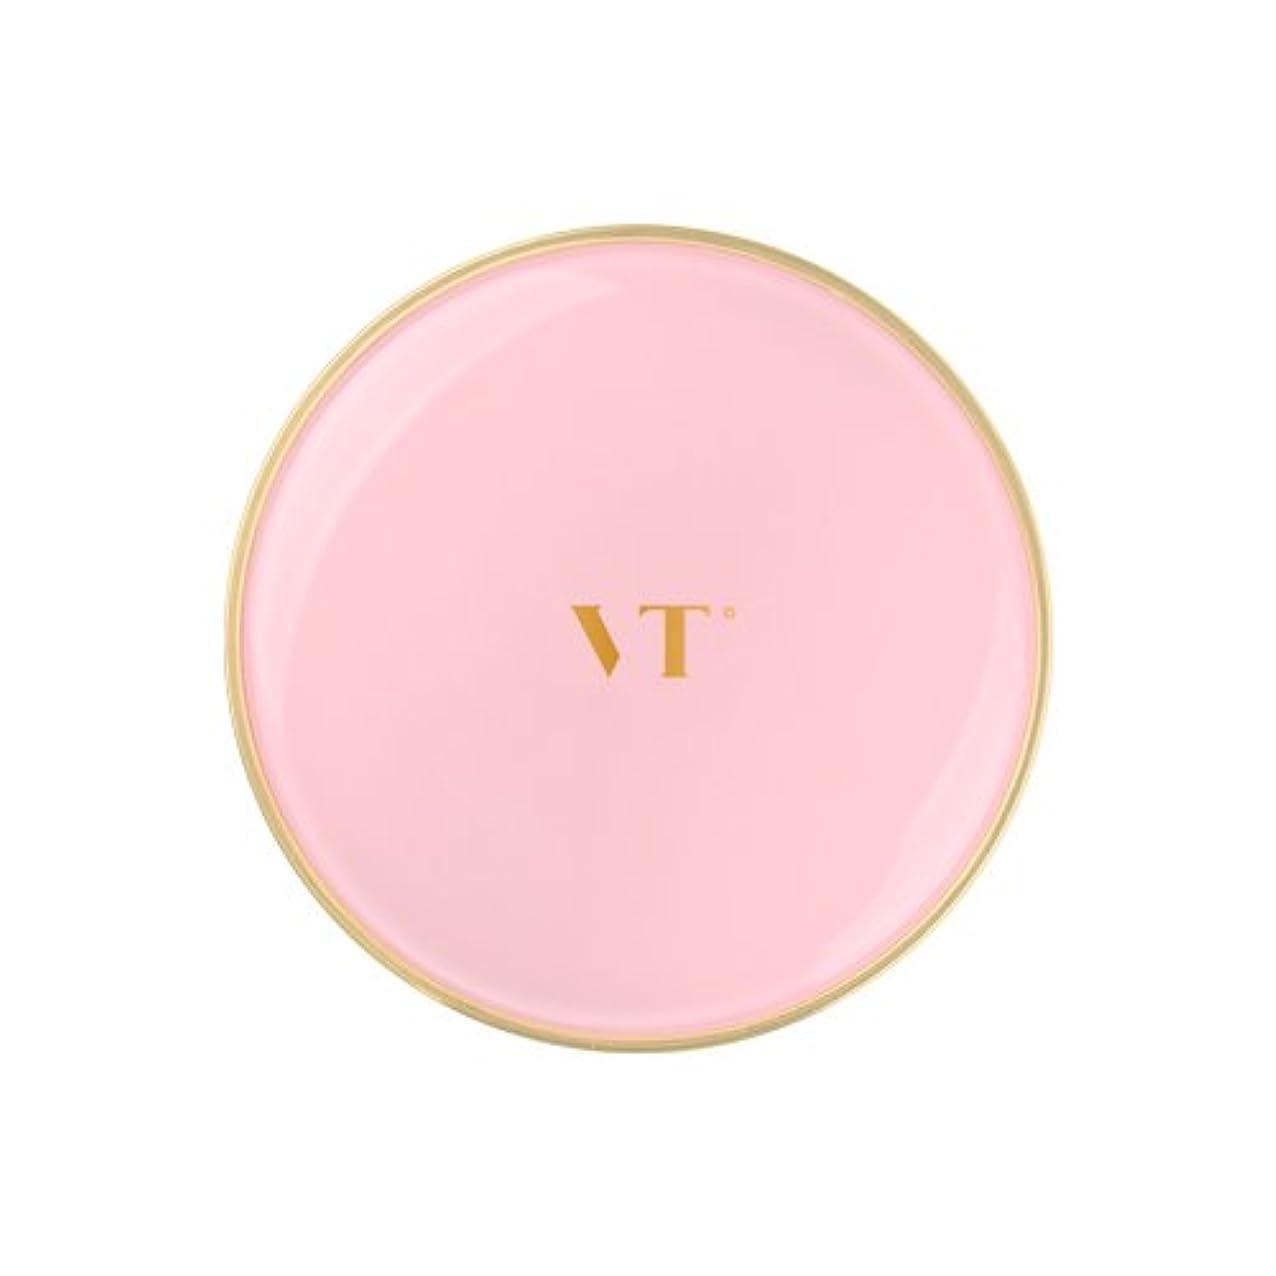 堂々たる検索エンジン最適化再現するVT Collagen Pact 11g/ブイティー コラーゲン パクト 11g [並行輸入品]